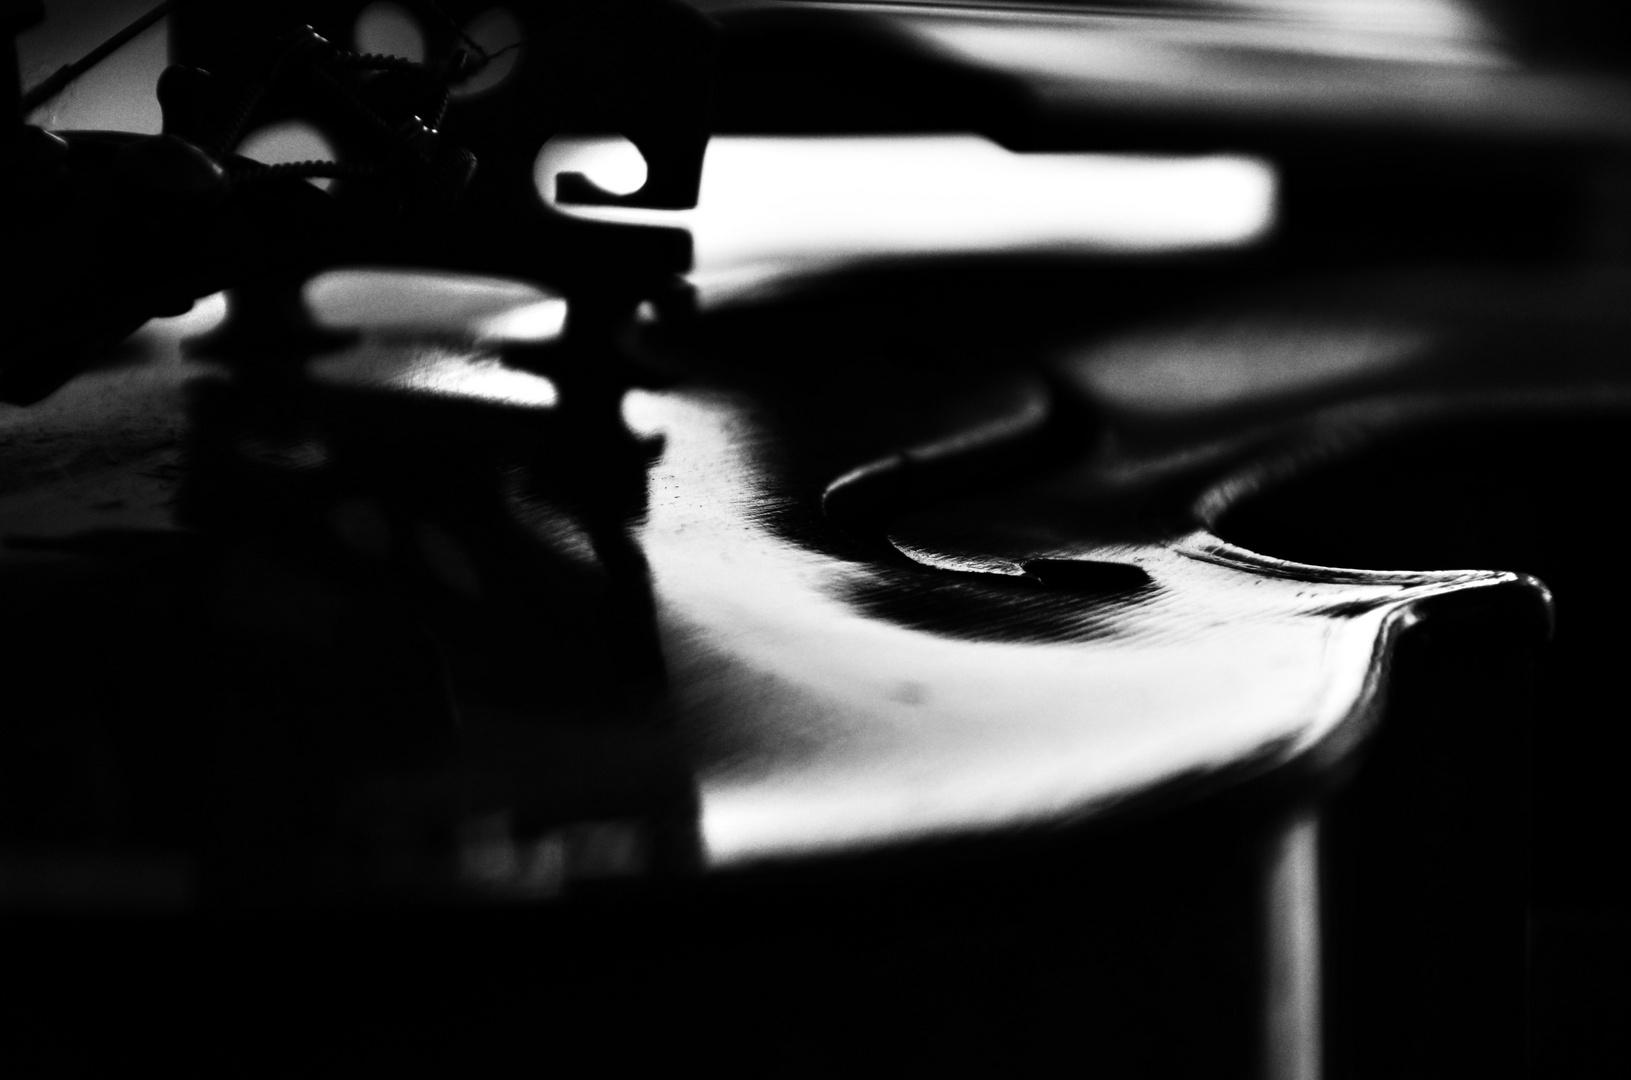 Reflexion der Musik